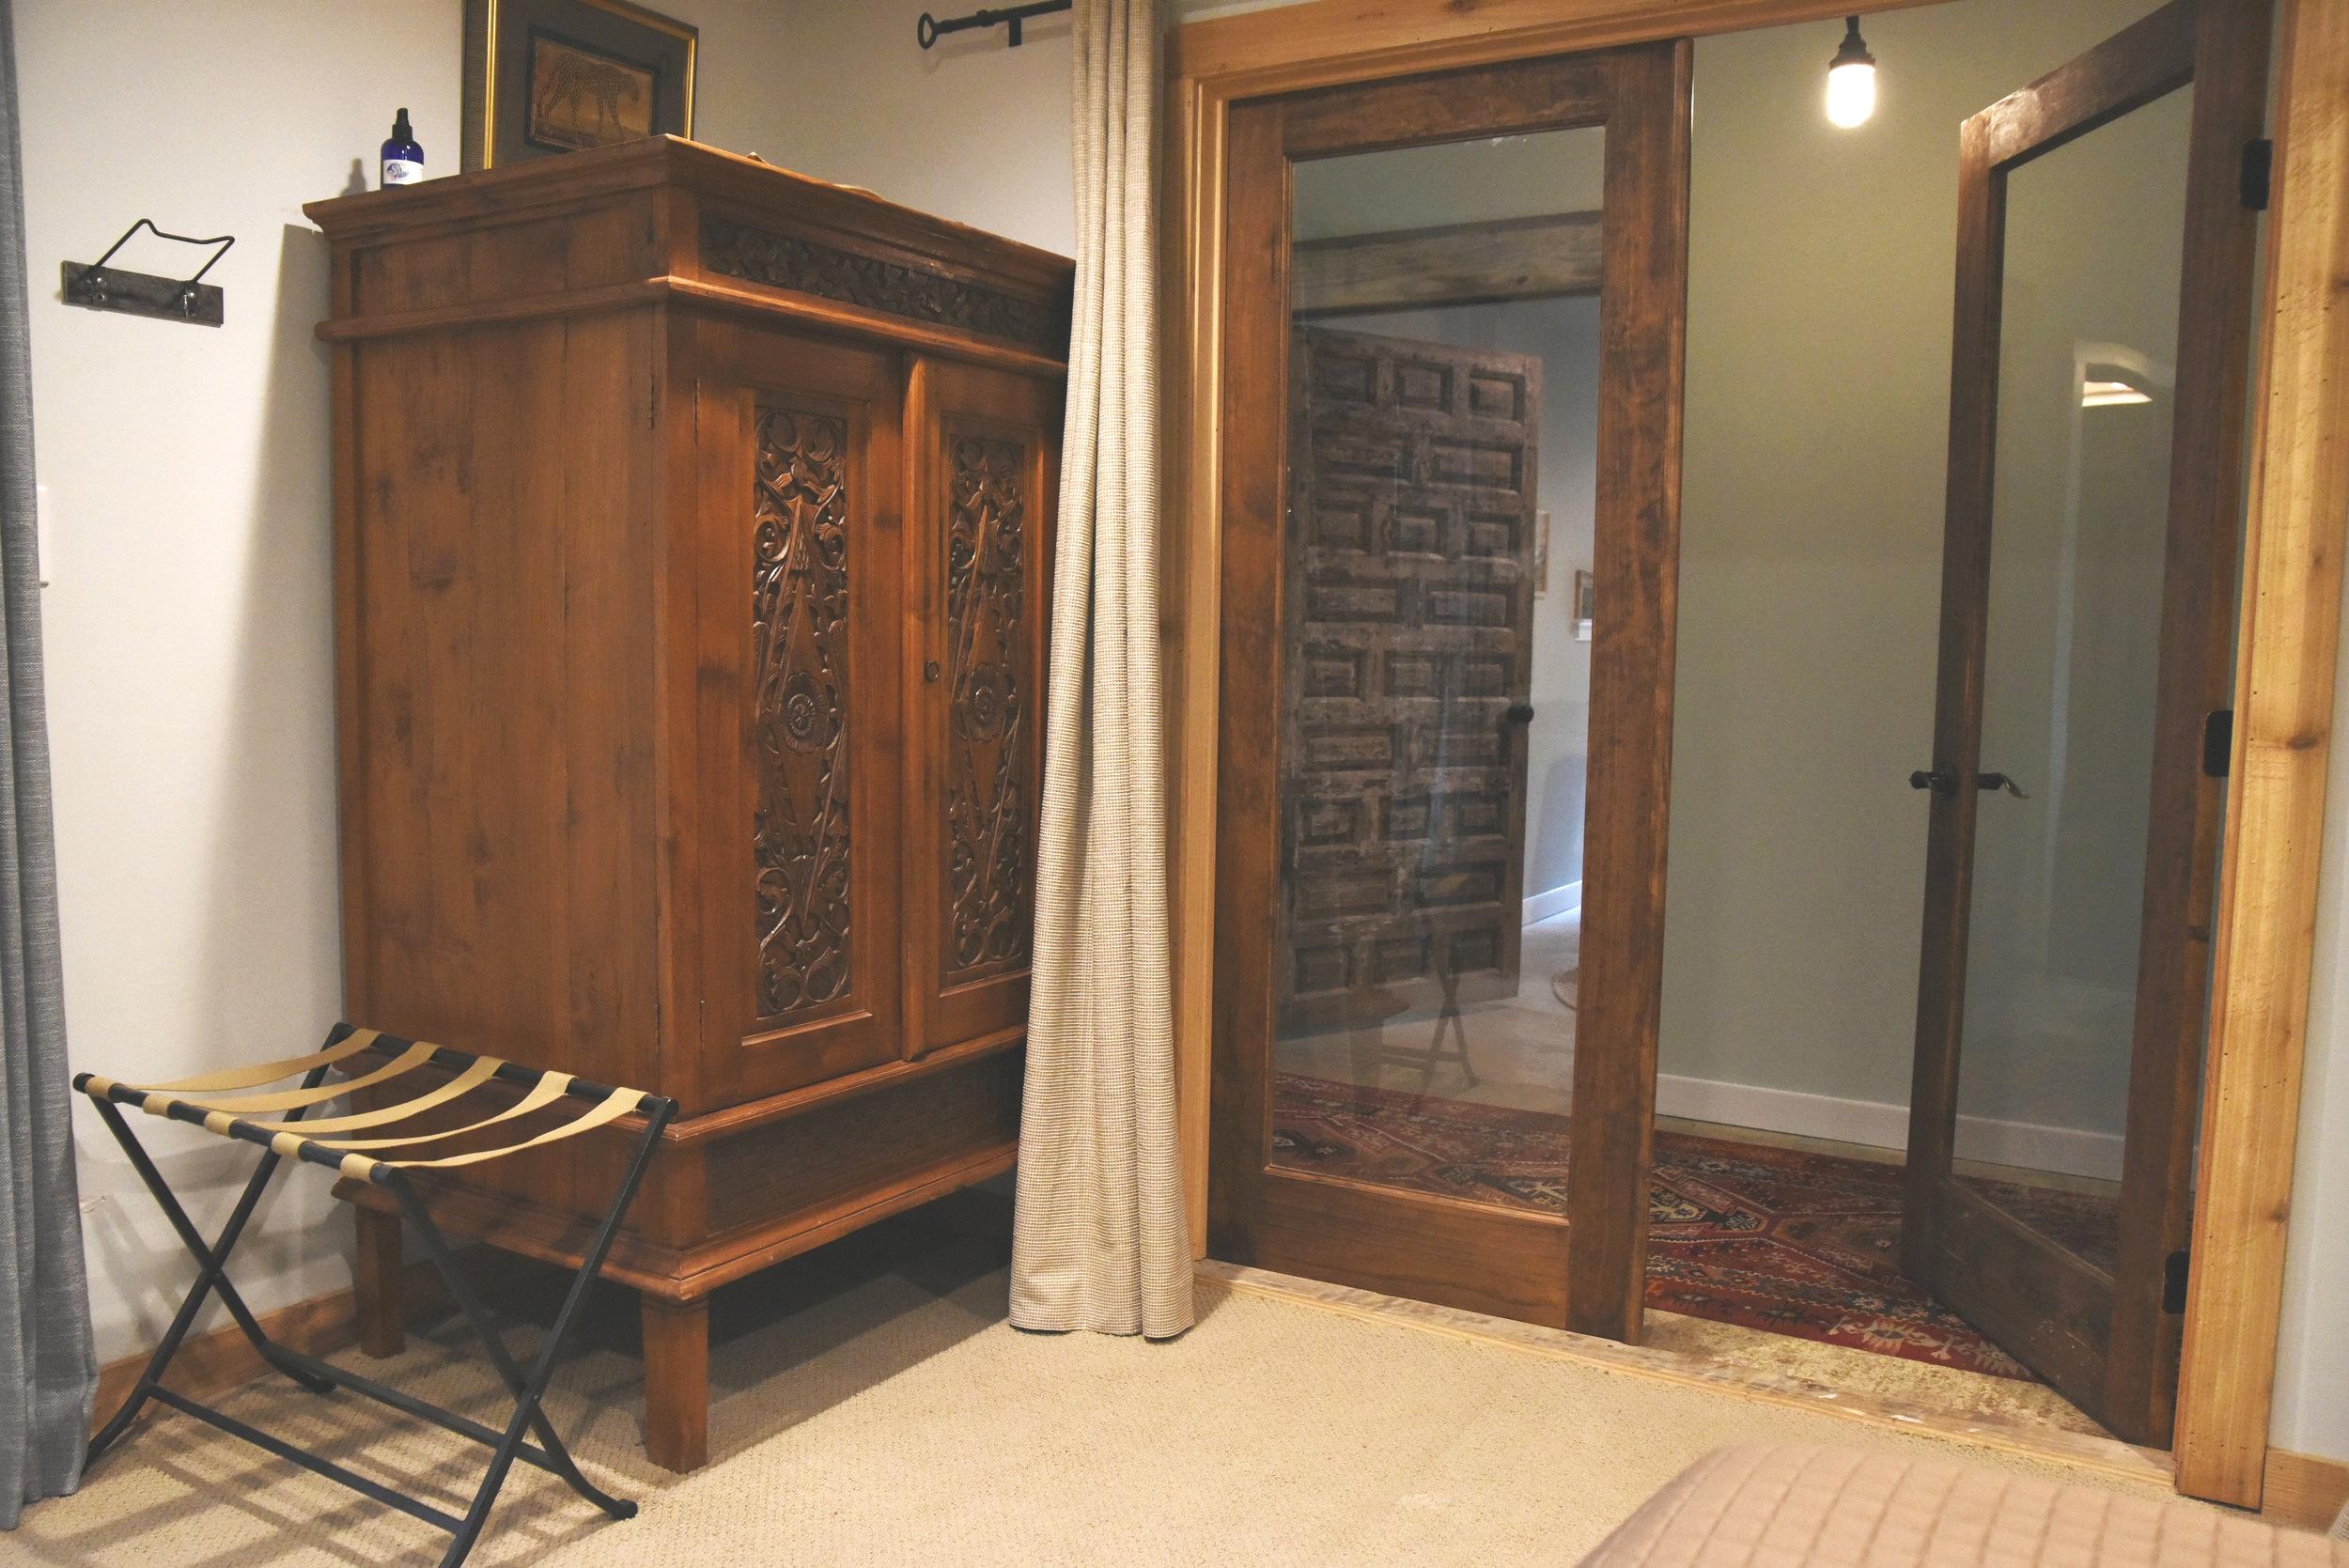 The Vista Roja Room